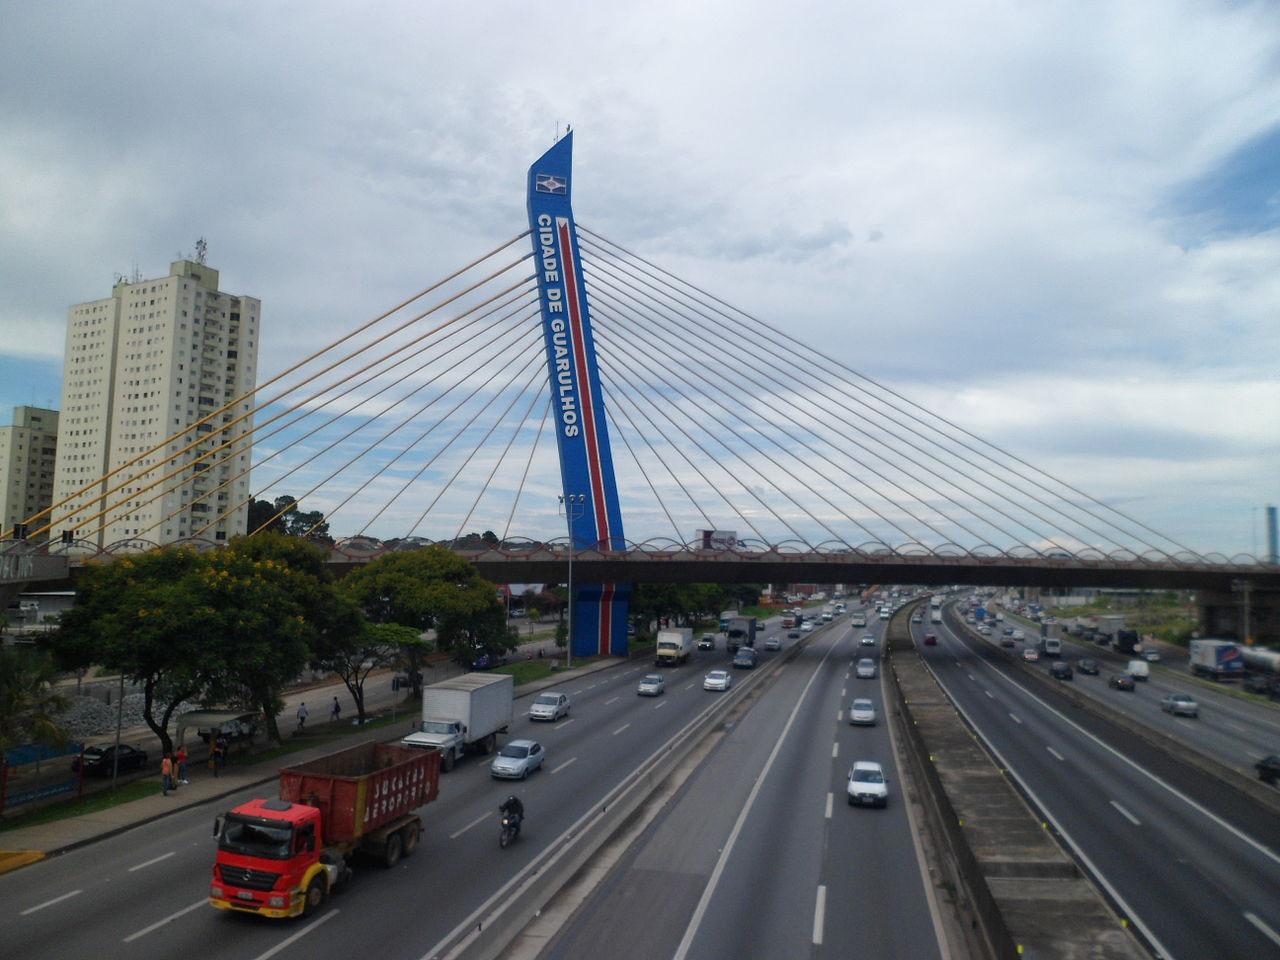 Descubra os melhores planos de saúde em Guarulhos!